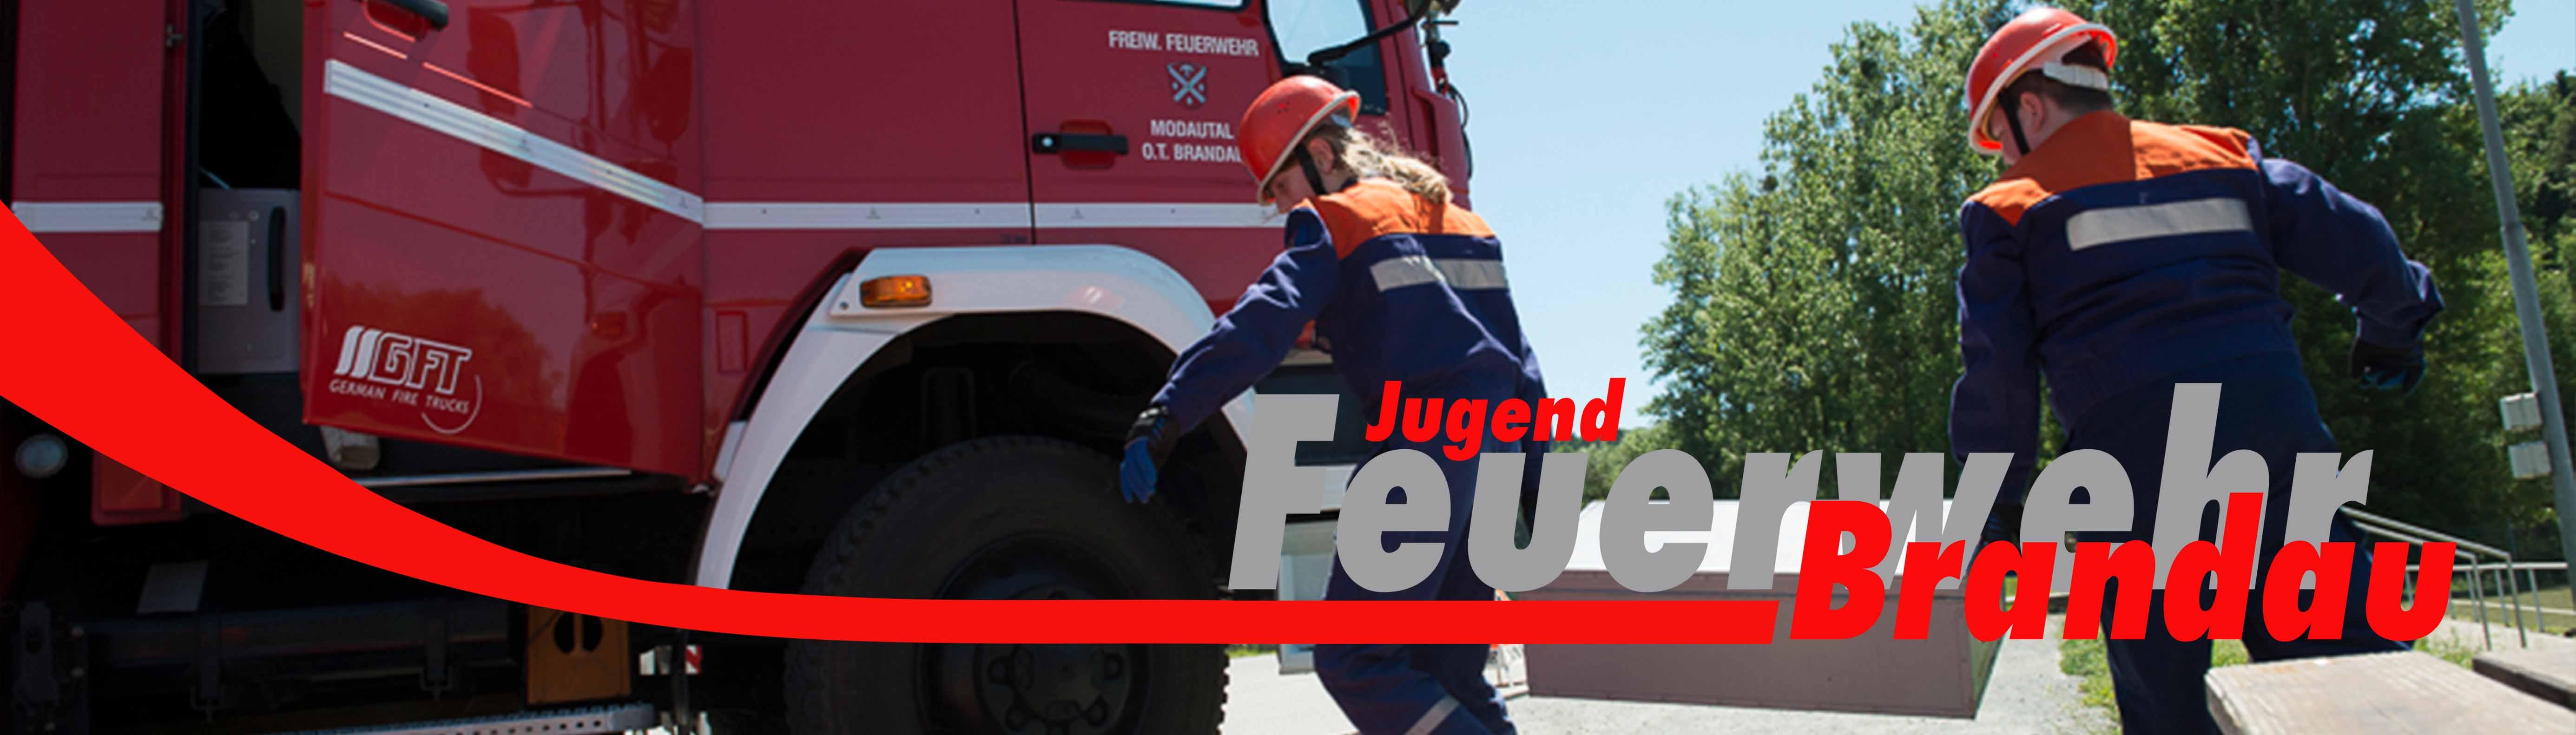 Slider2 JF 1